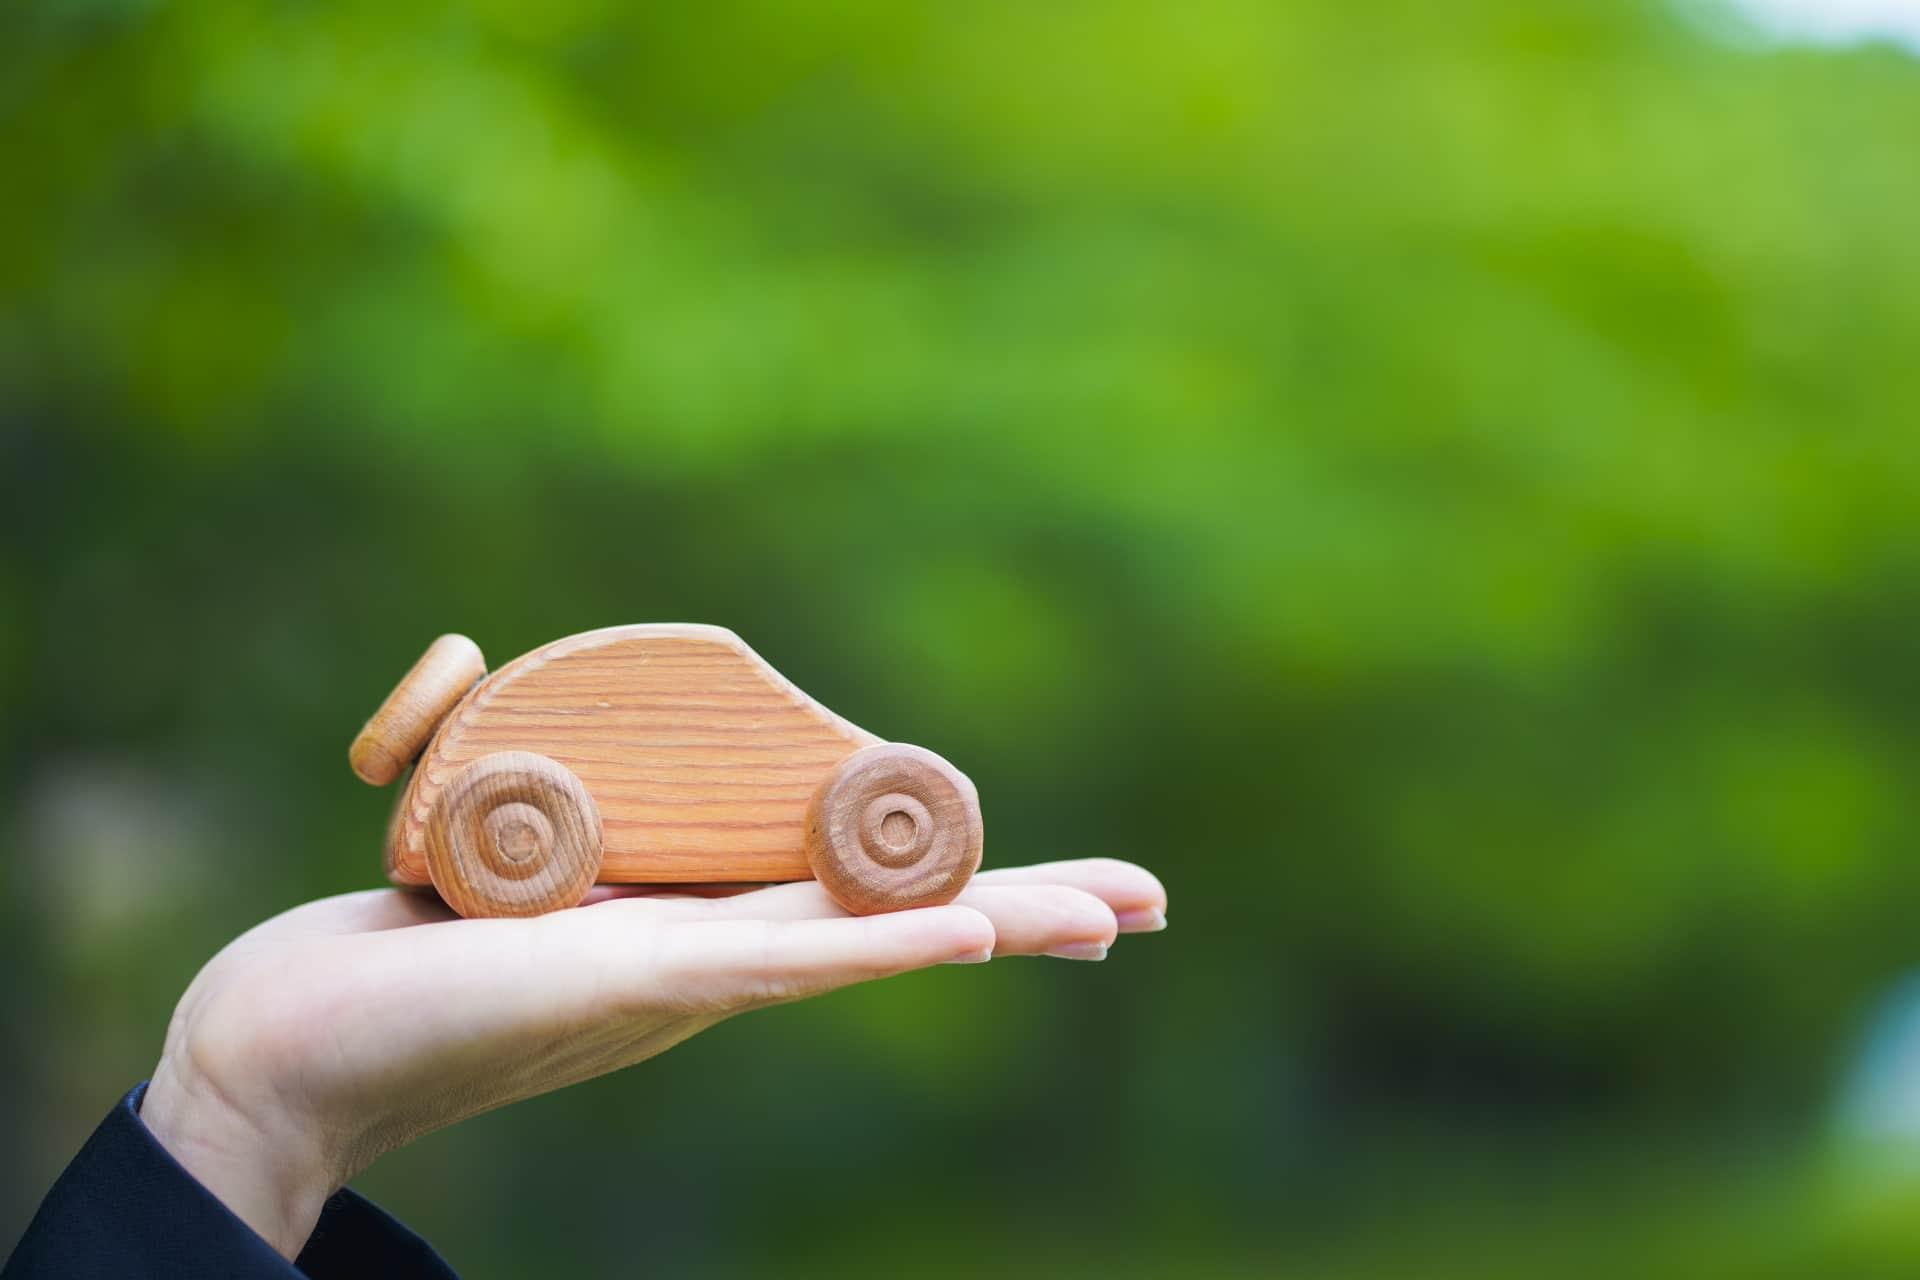 木の車をもつ女性の手